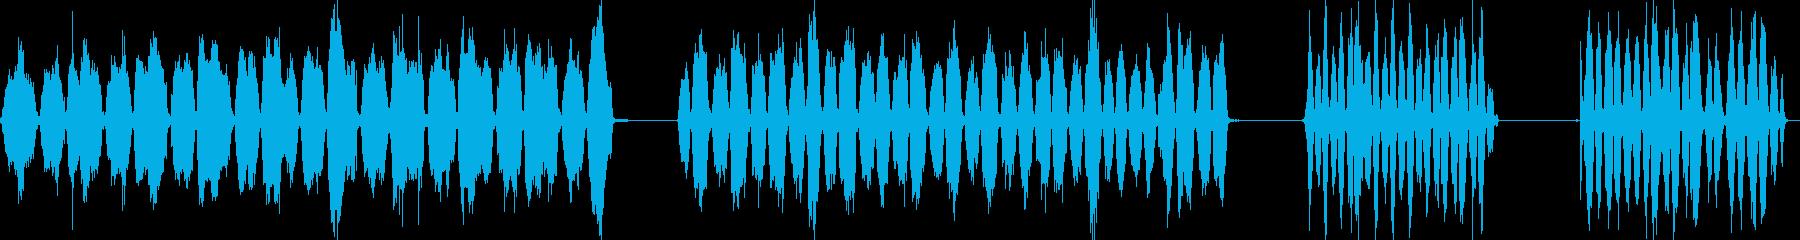 スクラブフロア、スクラブブラシ、4...の再生済みの波形